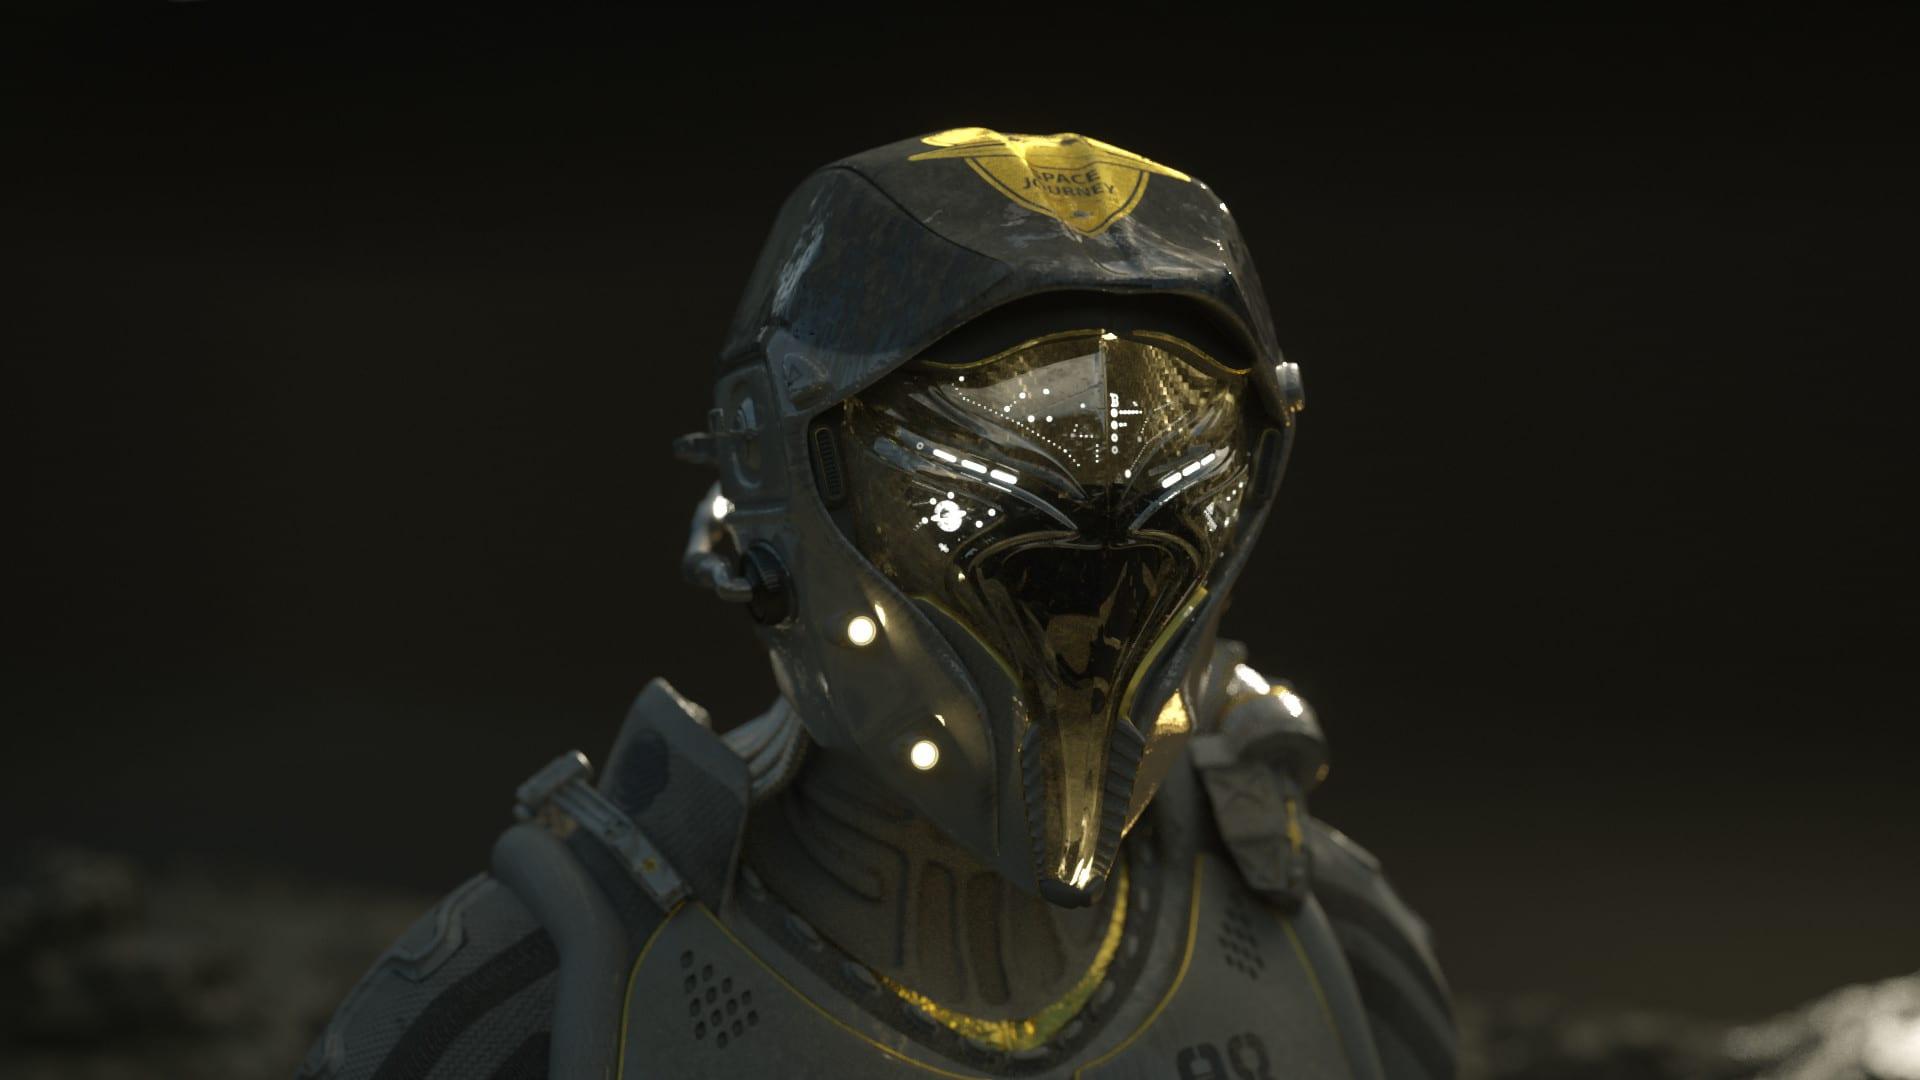 Coriaceus Space Suit